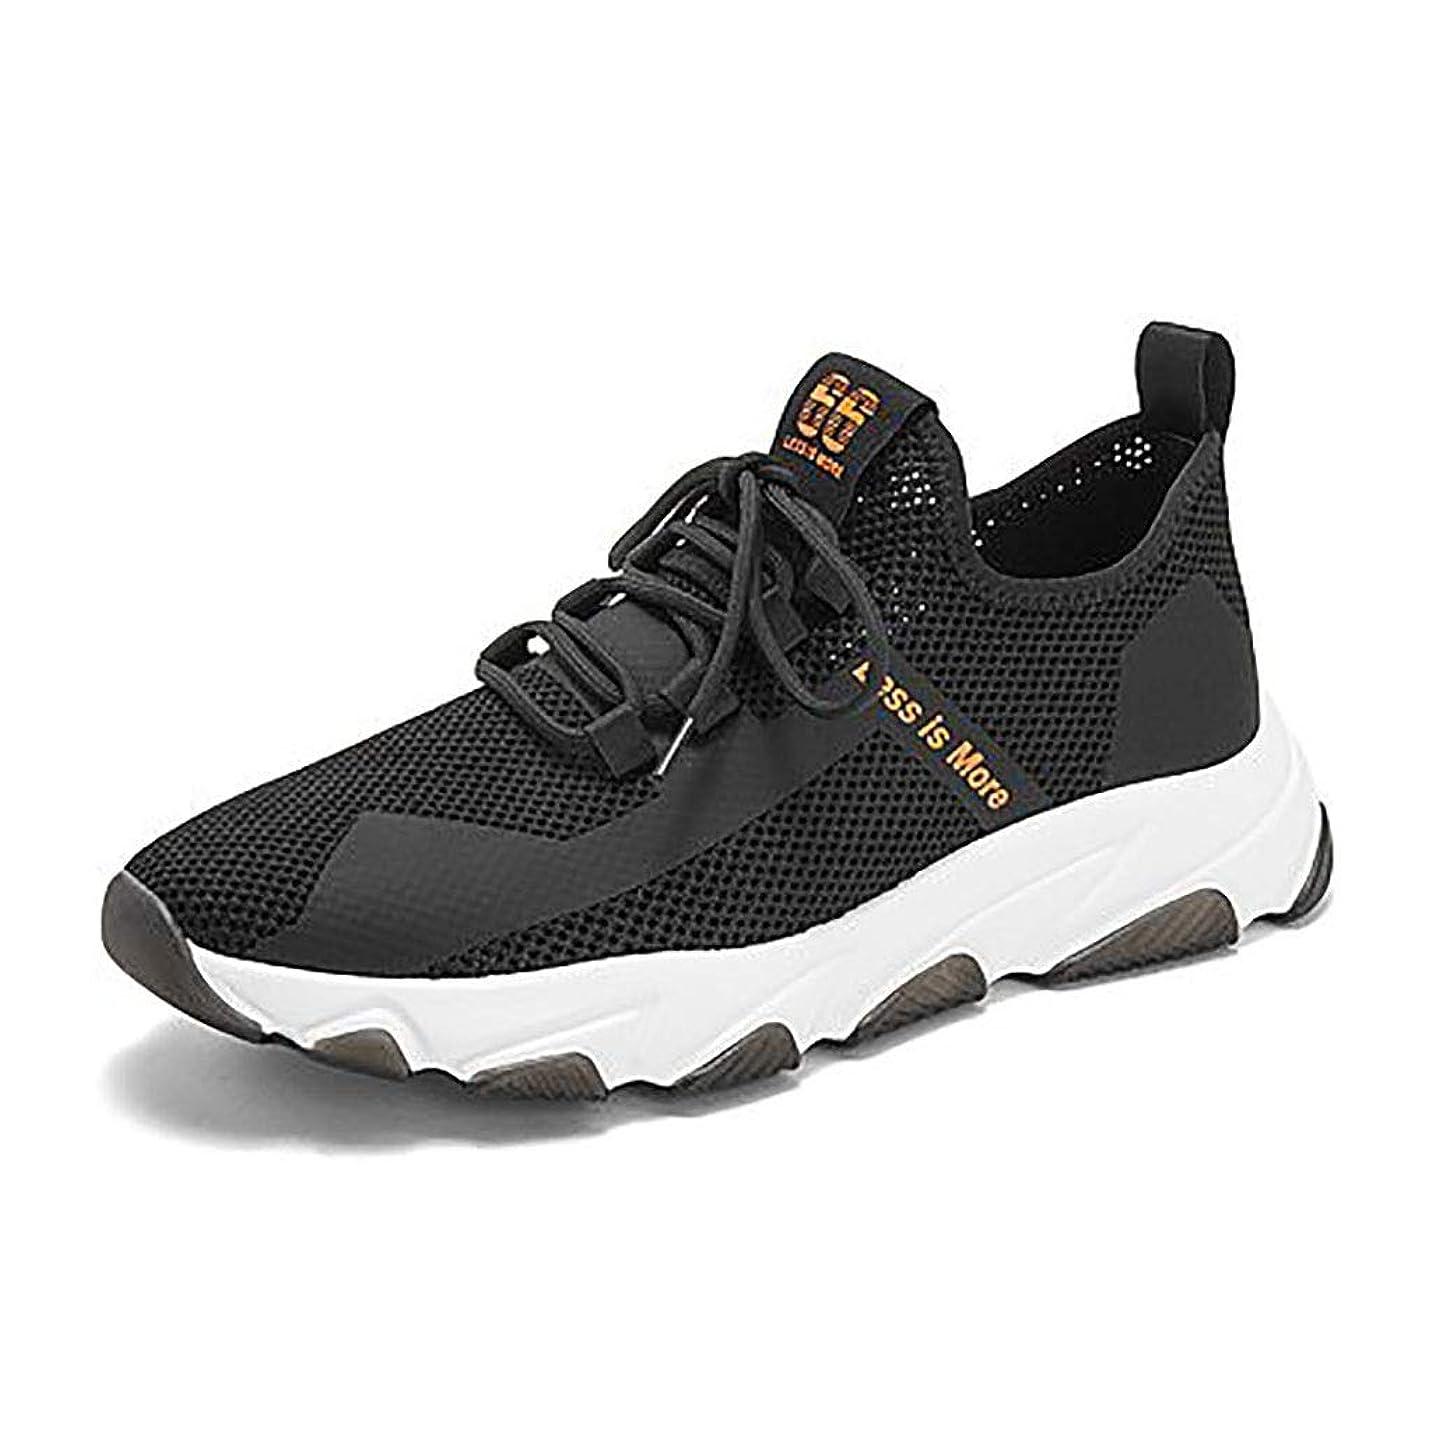 改修巨大な試験カジュアルシューズ 夏のラウンドヘッドロートップシューズ、通気性と消臭性のある紳士靴、カジュアルスポーツシューズを助けるためにくり抜かれた (Color : Black, Size : 41)